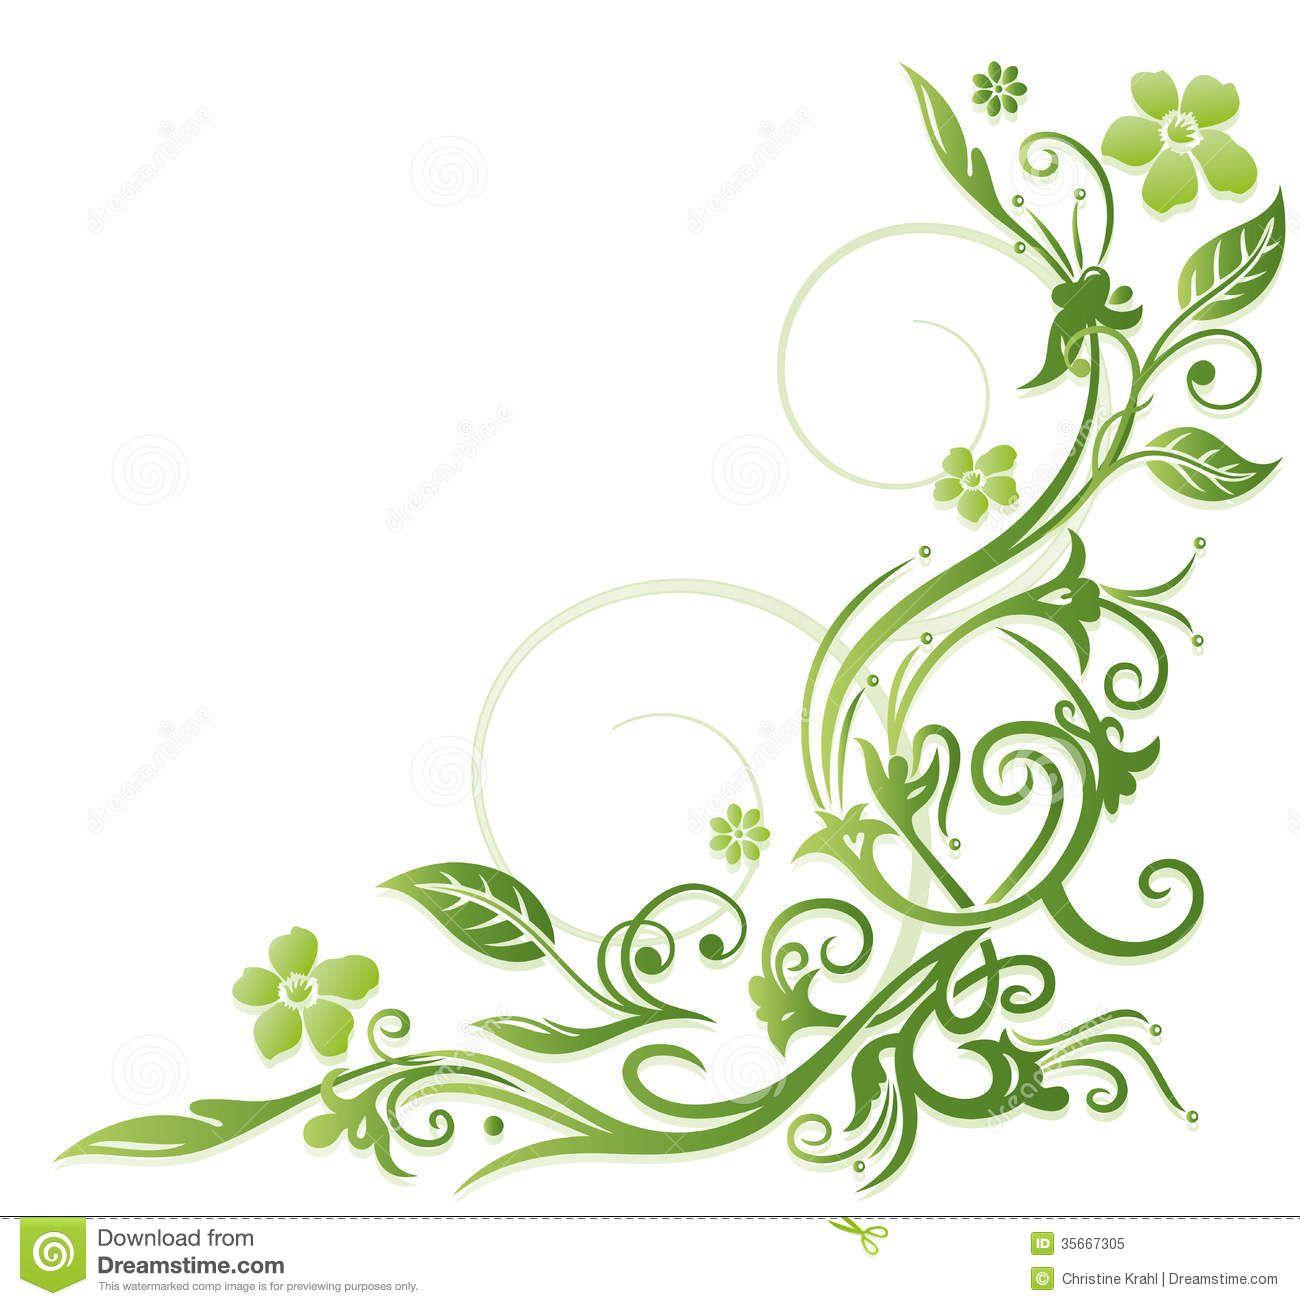 vectores florales verdes - Buscar con Google | Amor love | Pinterest ...